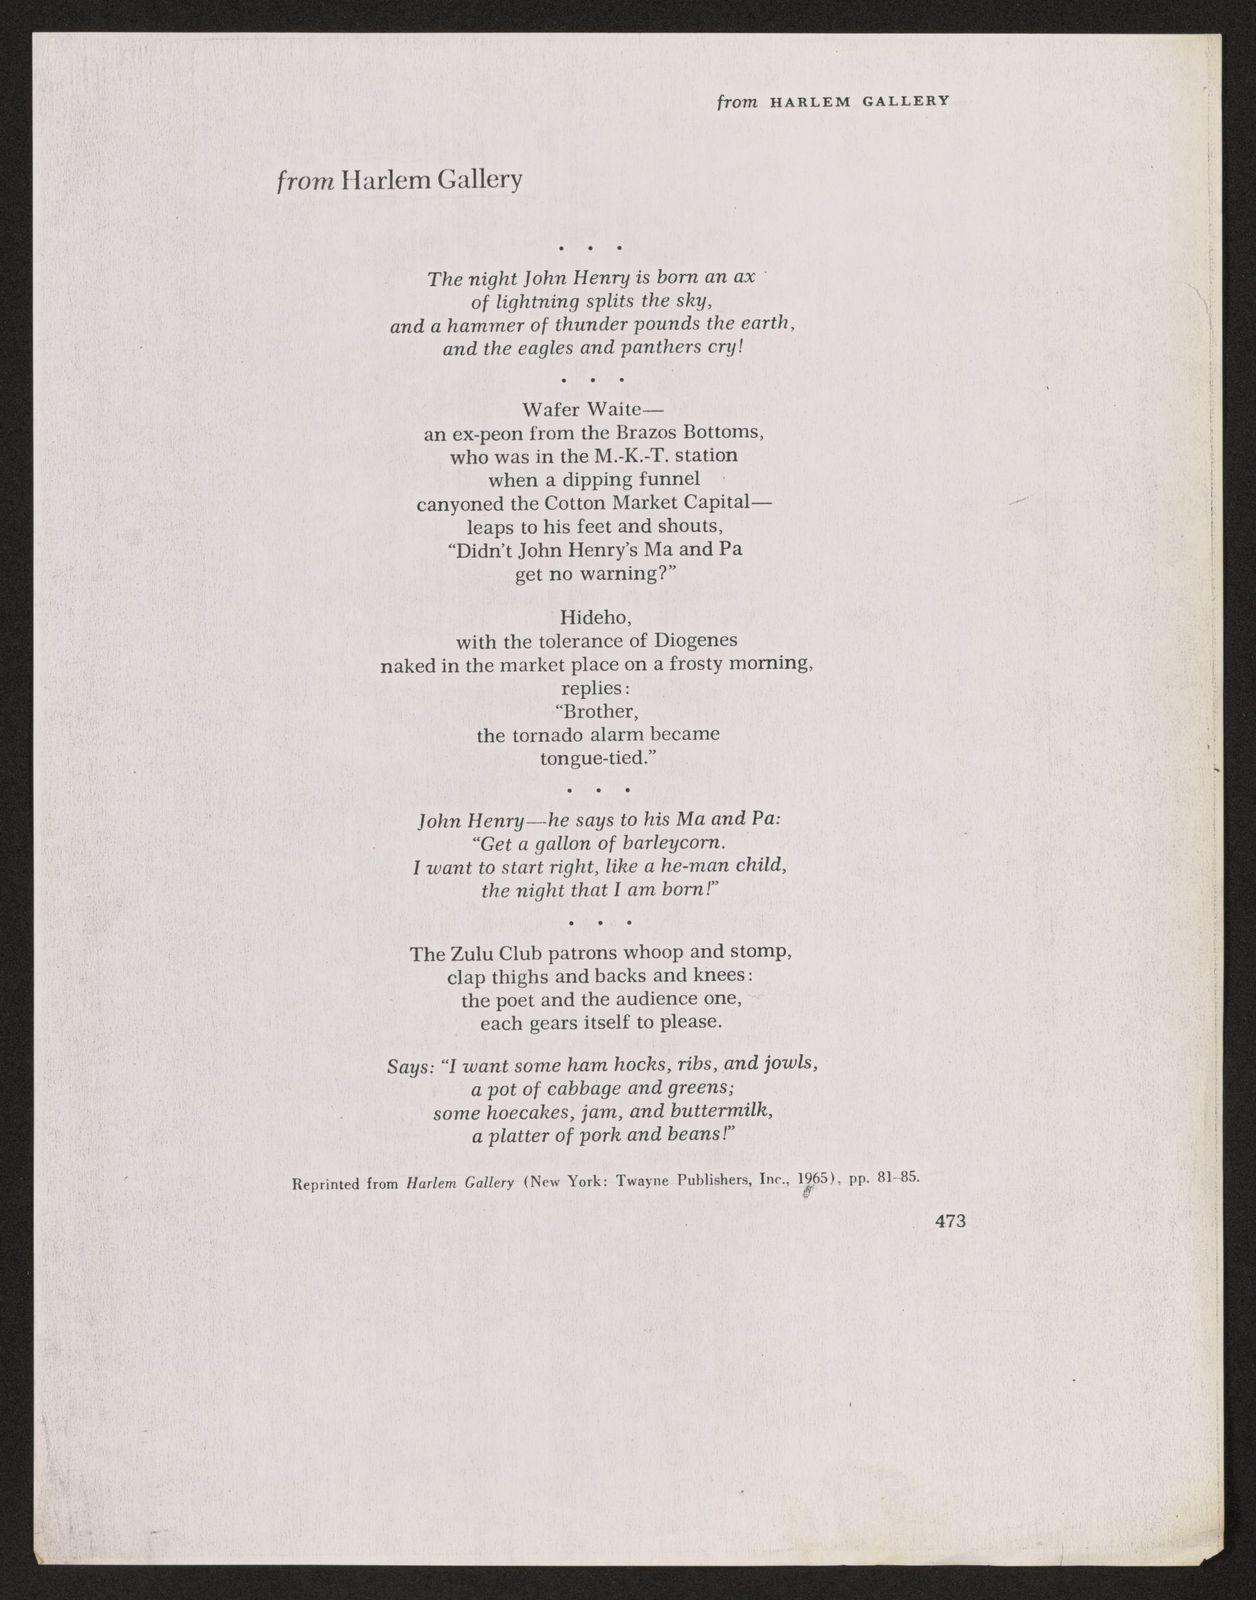 Alan Lomax Collection, Manuscripts, Black Identity Project, 1968-1970, Les Ameriques Noires, Roger Bastide